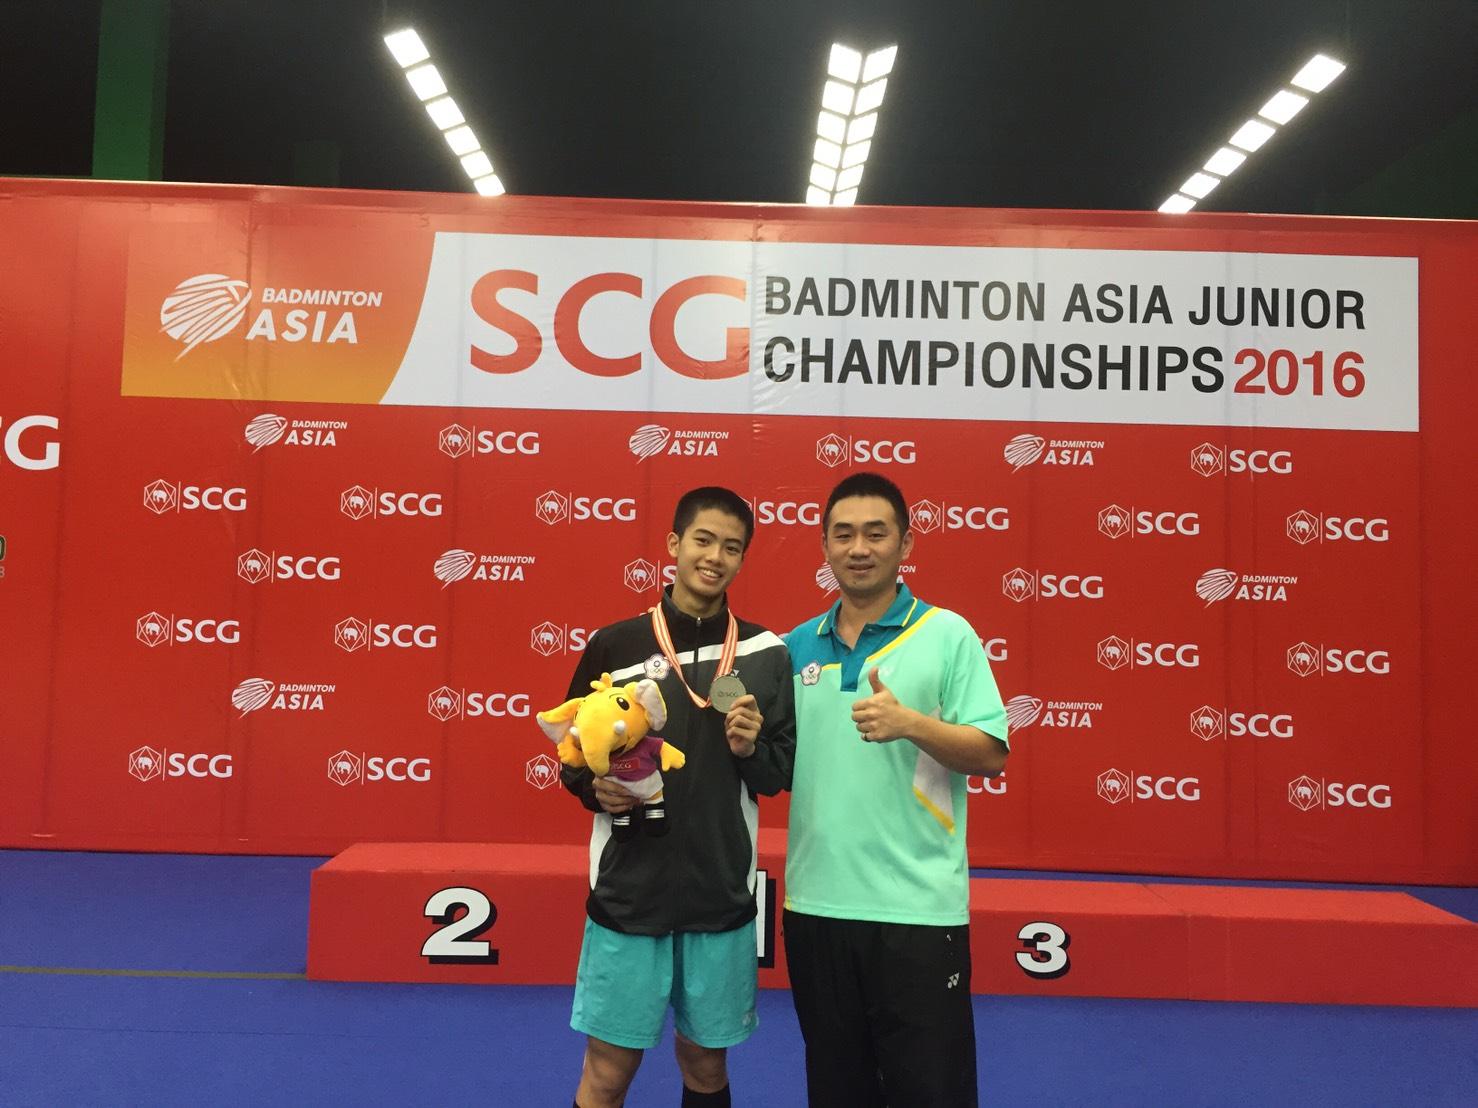 李佳豪(左)與教練陳志豪於頒獎後開心合影/台灣羽隊提供